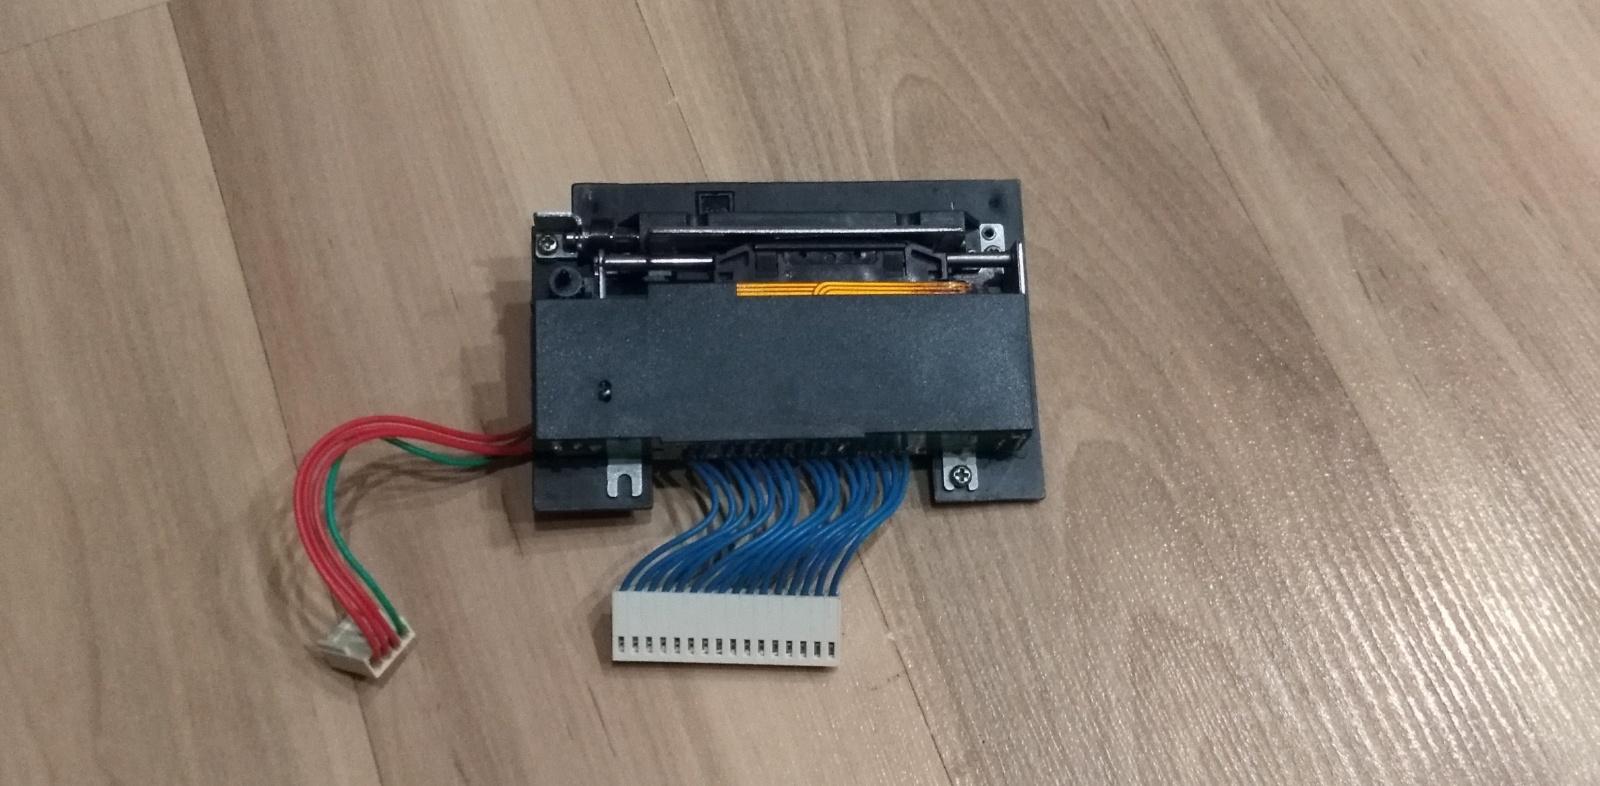 Как подключить матричный принтер MD910 от кассового аппарата Миника - 1